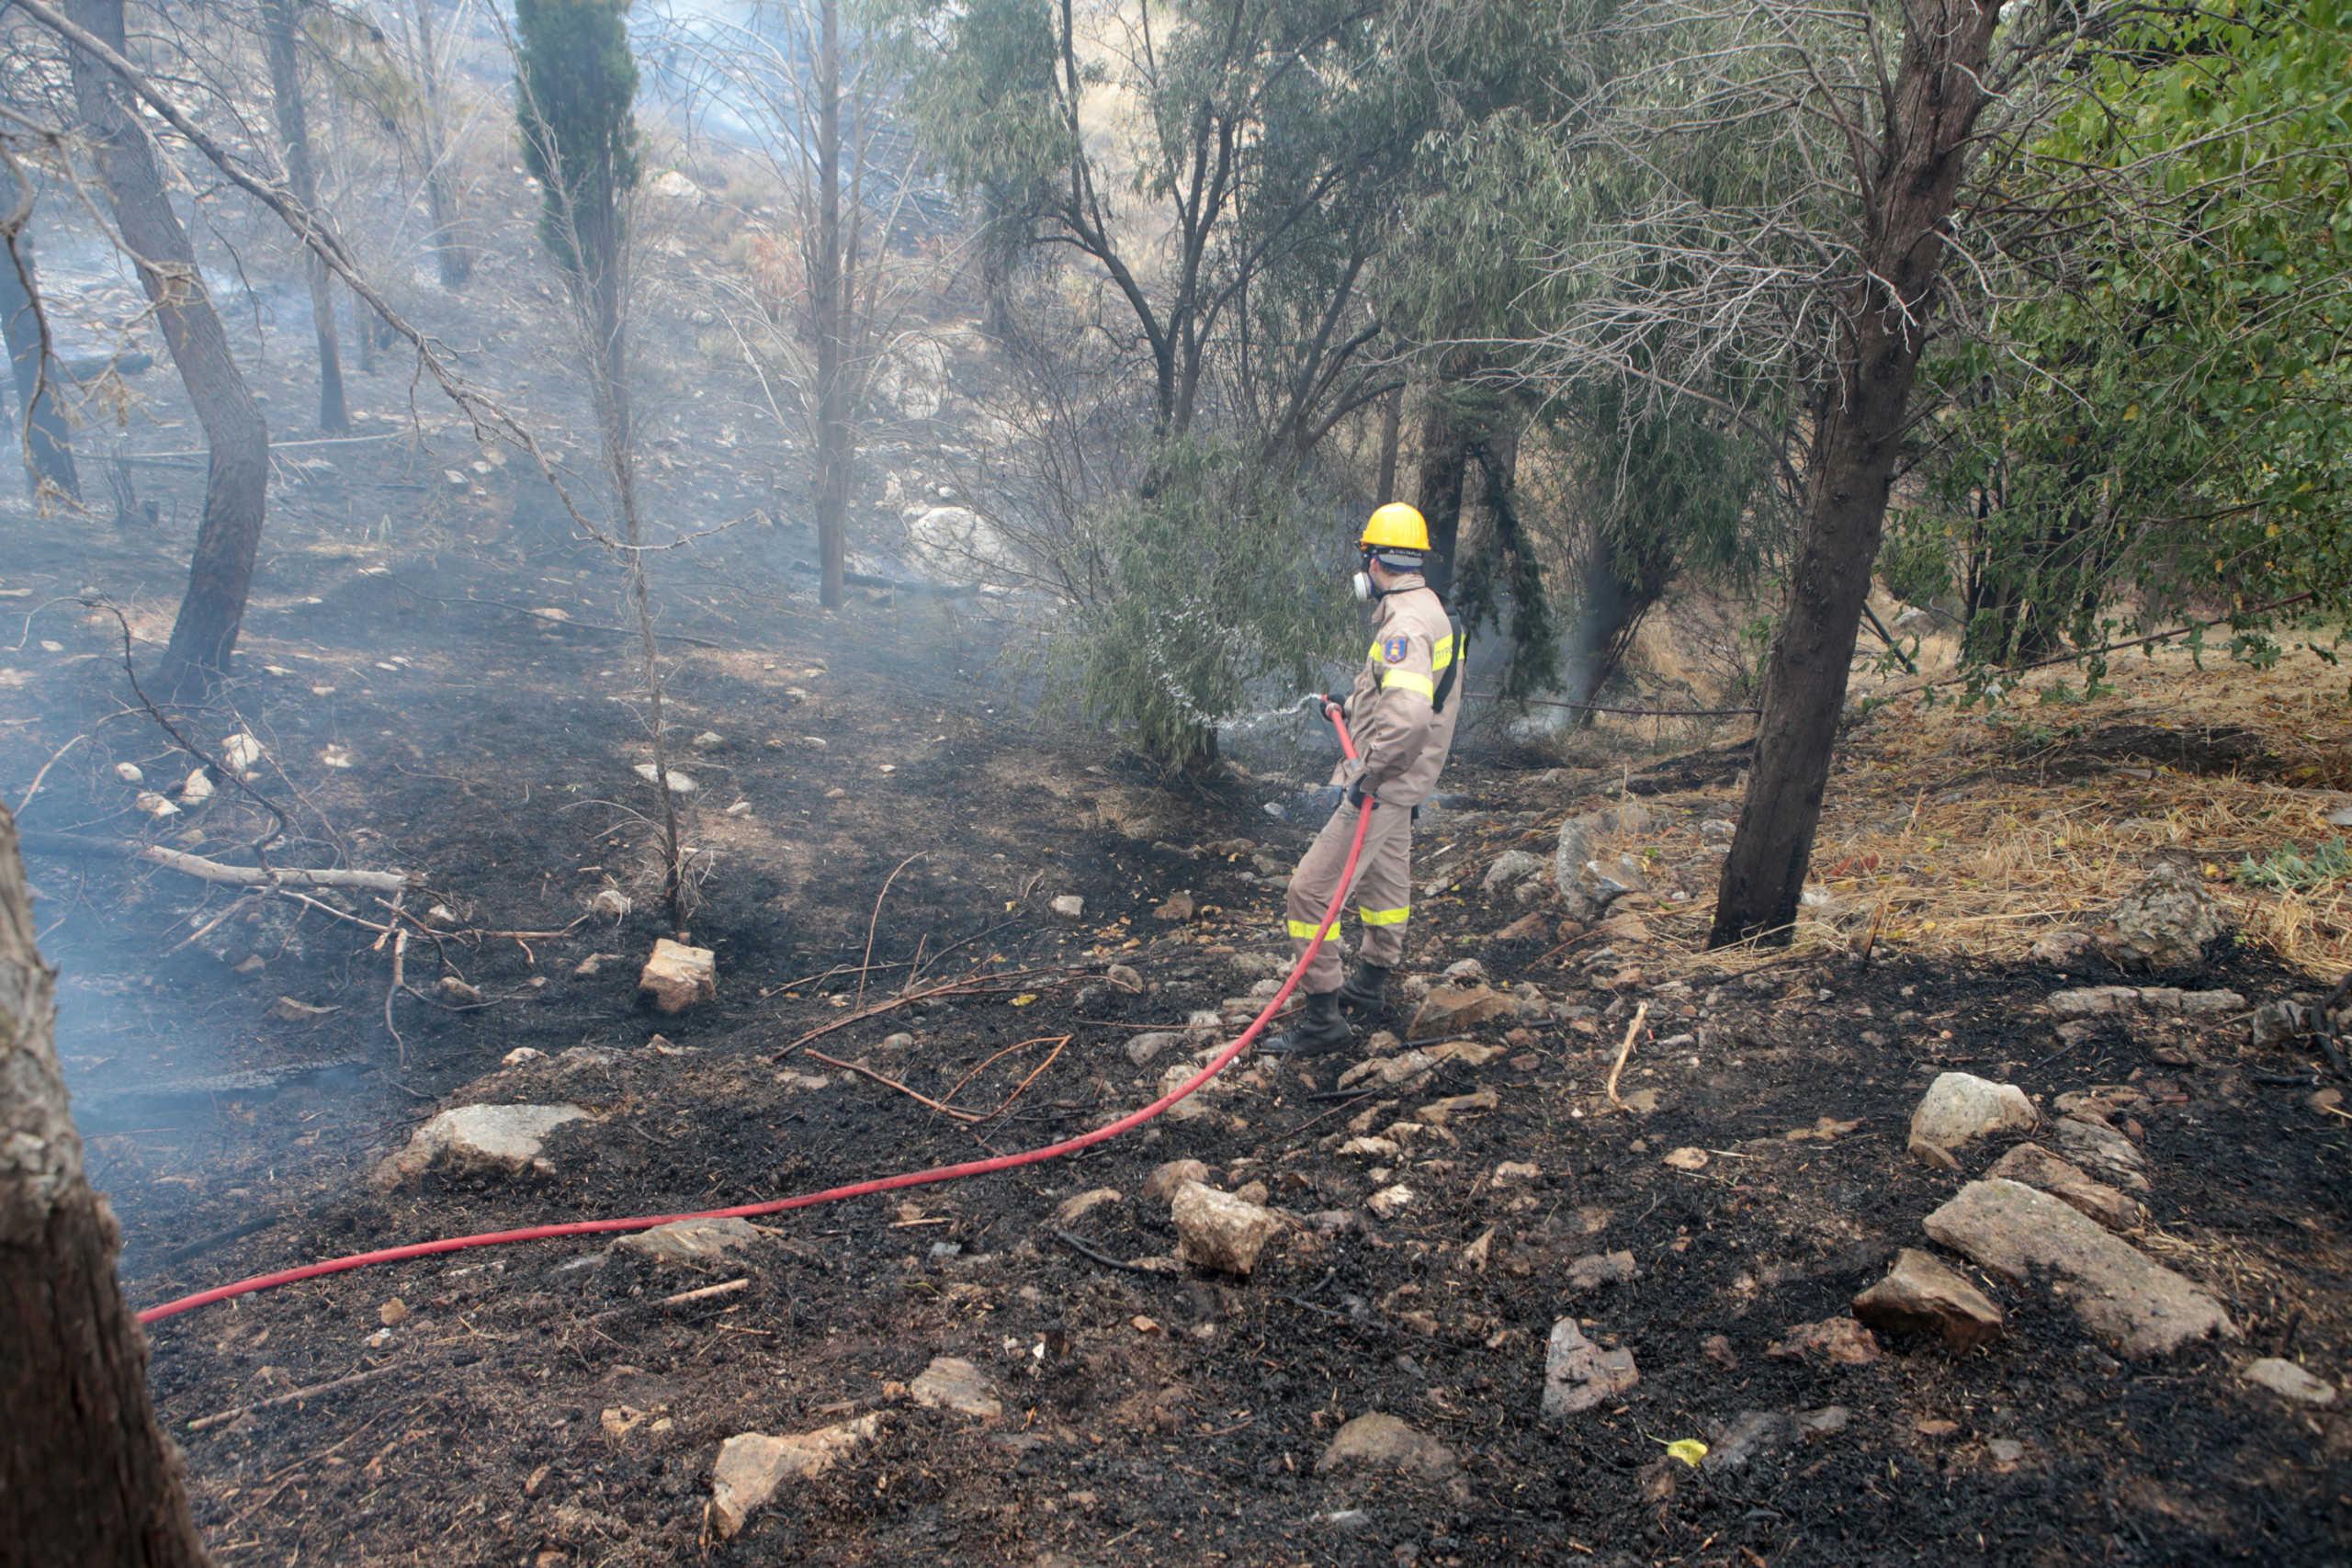 Φωτιά στο Βύρωνα: Εκκενώθηκαν προληπτικά πολυκατοικίες – Φόβοι για αναζωπυρώσεις (pics, video)